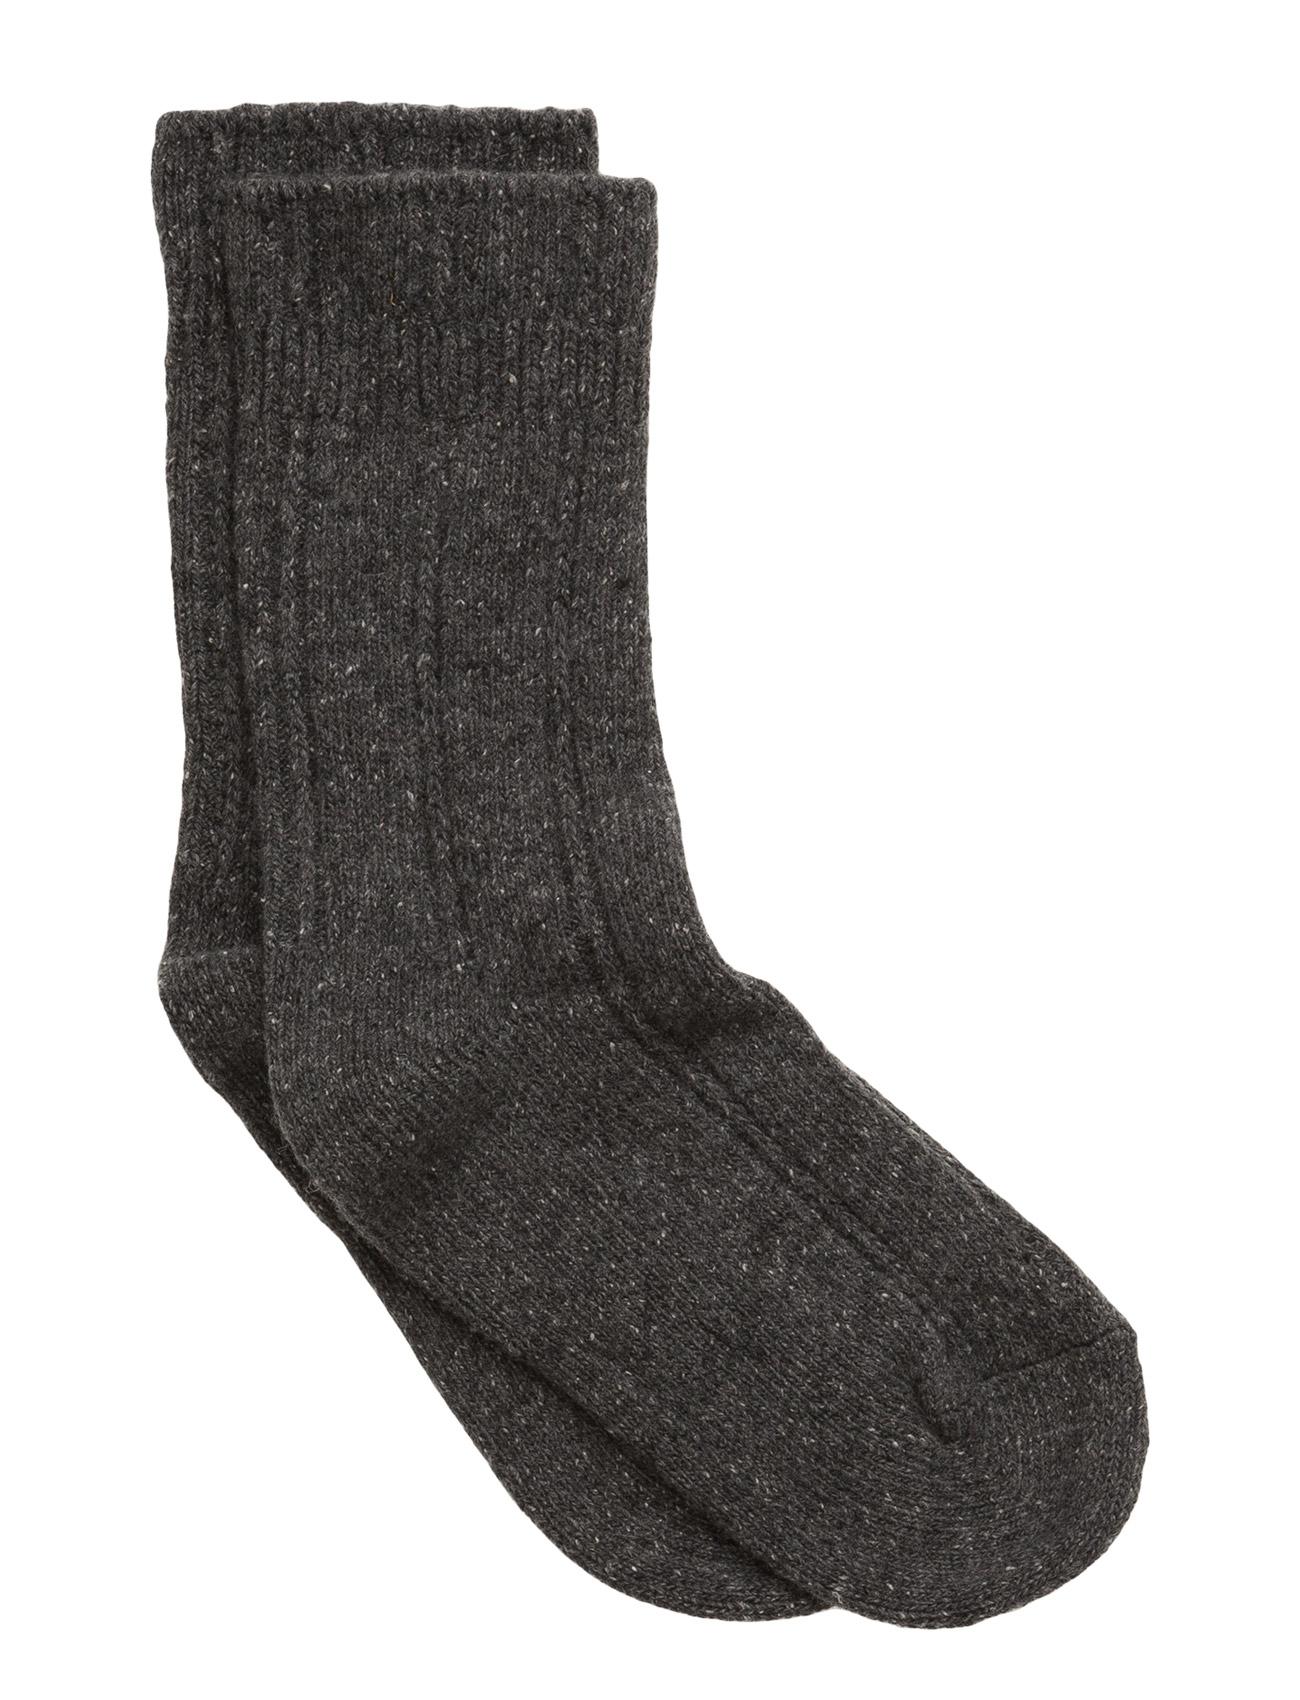 Wool Cozy Bed Sock W/Silk Melton Strømper & Strømpebukser til Børn i Light Grey Melange